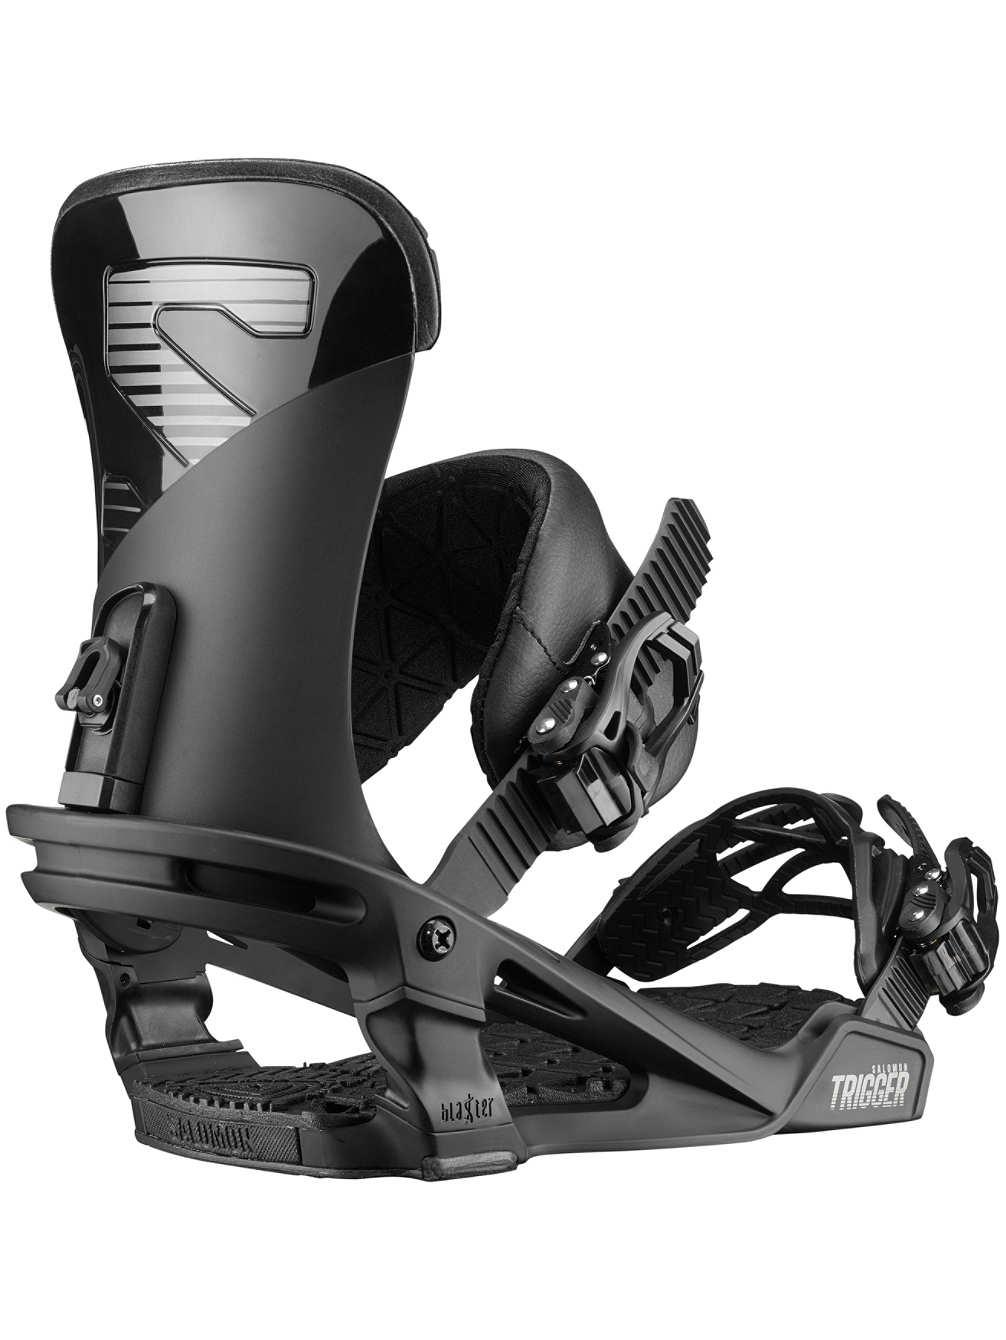 Salomon Trigger 2020 - snowboard bindung und stance einstellen